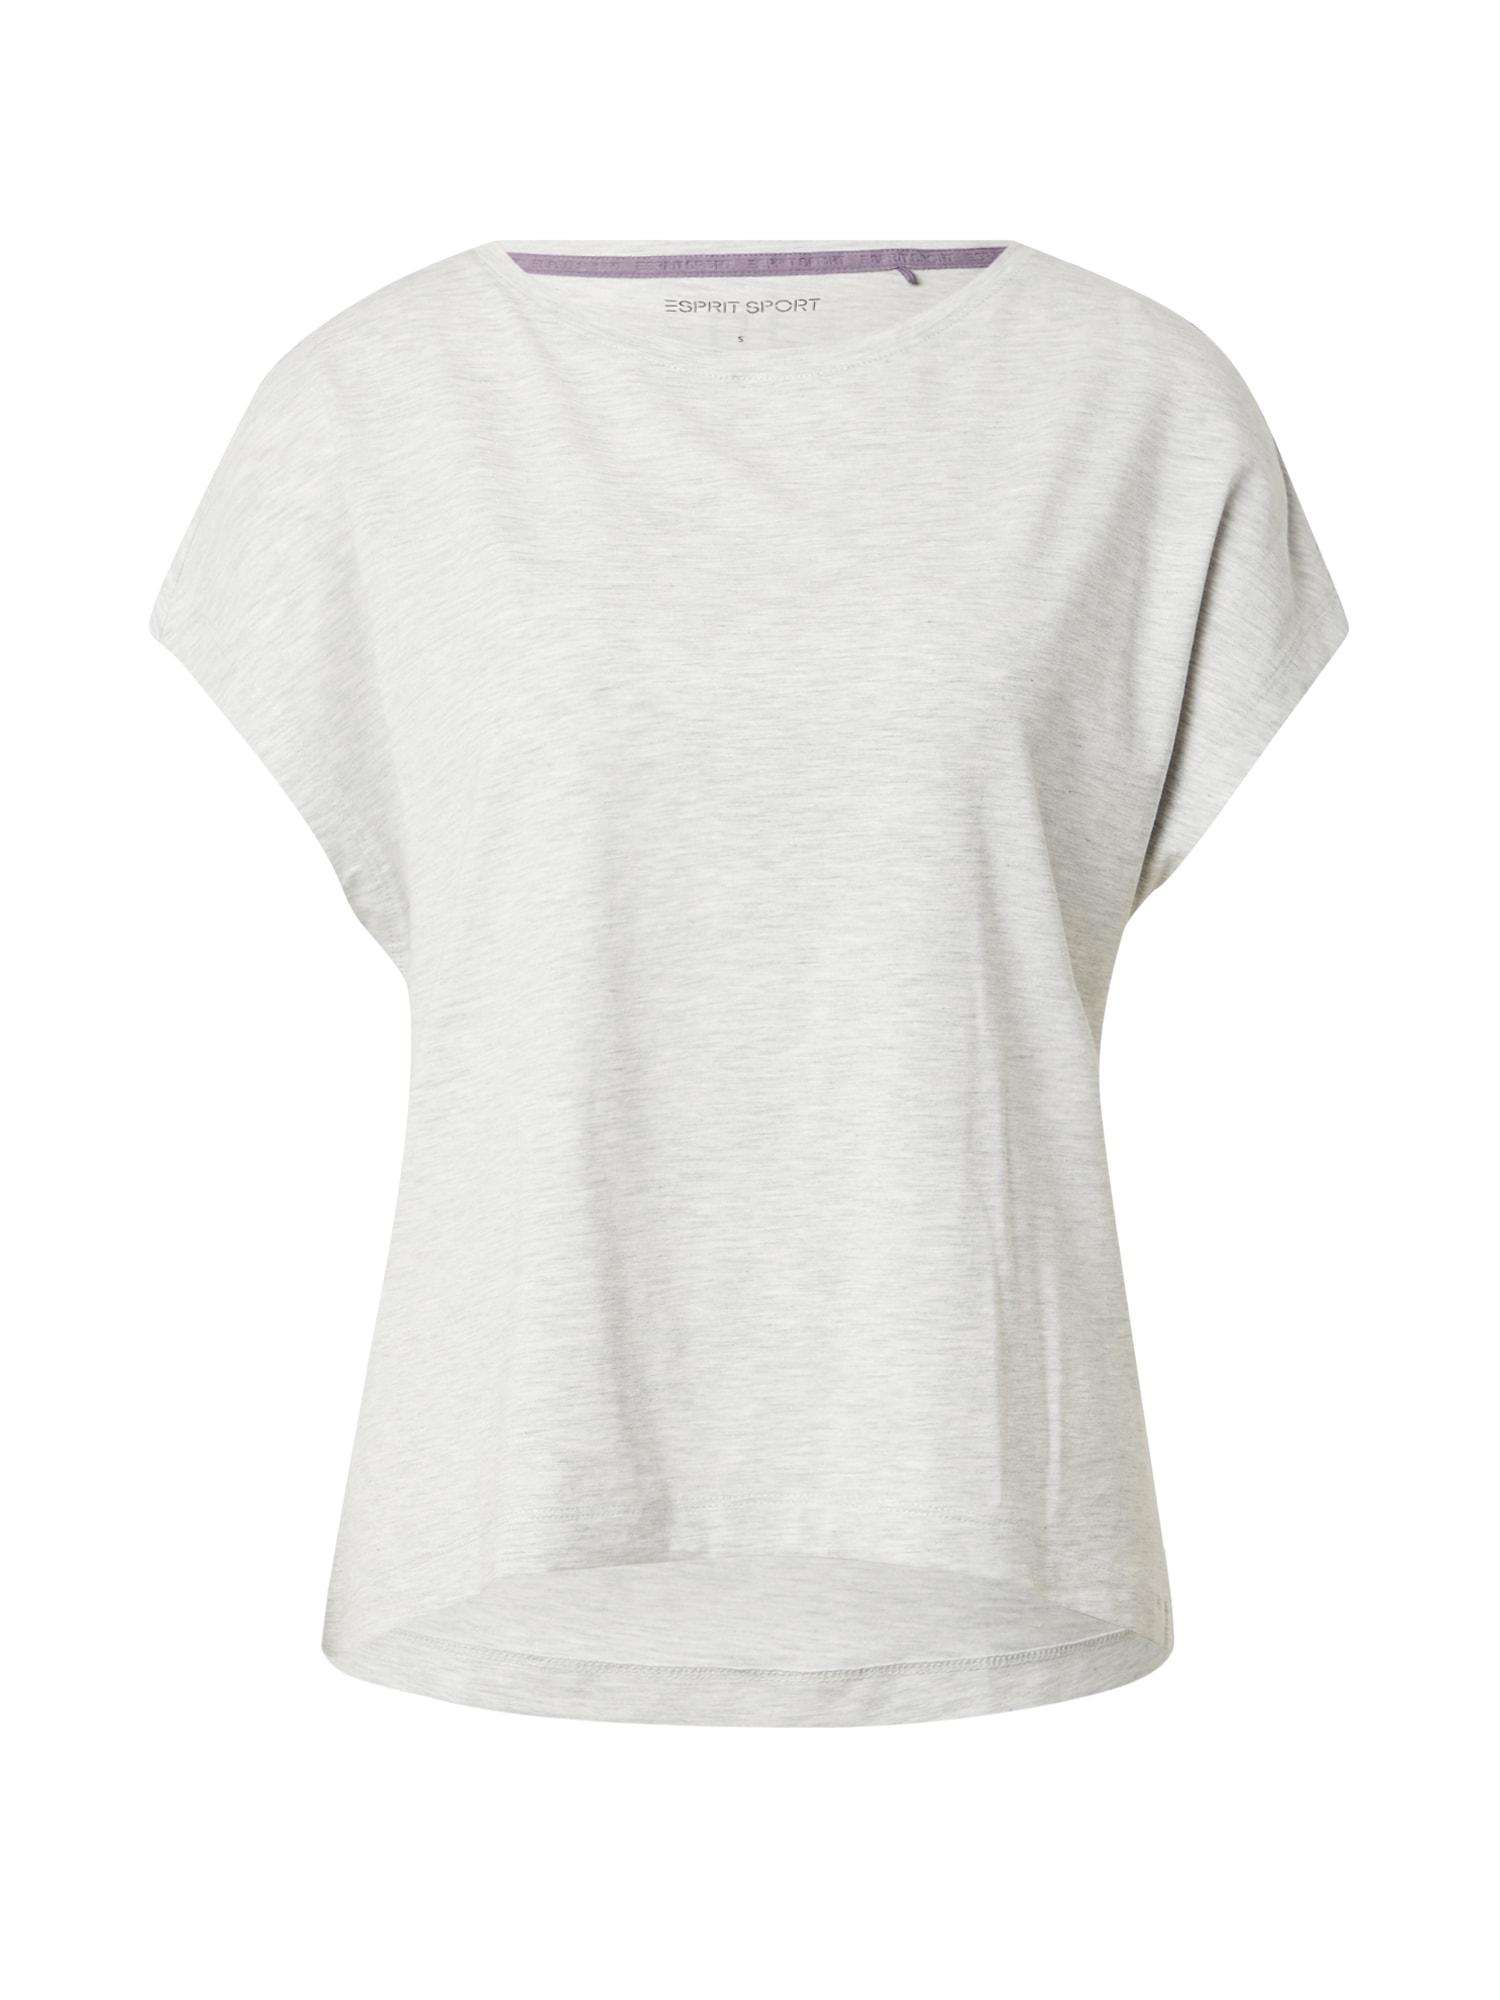 ESPRIT SPORT Sportiniai marškinėliai pilka